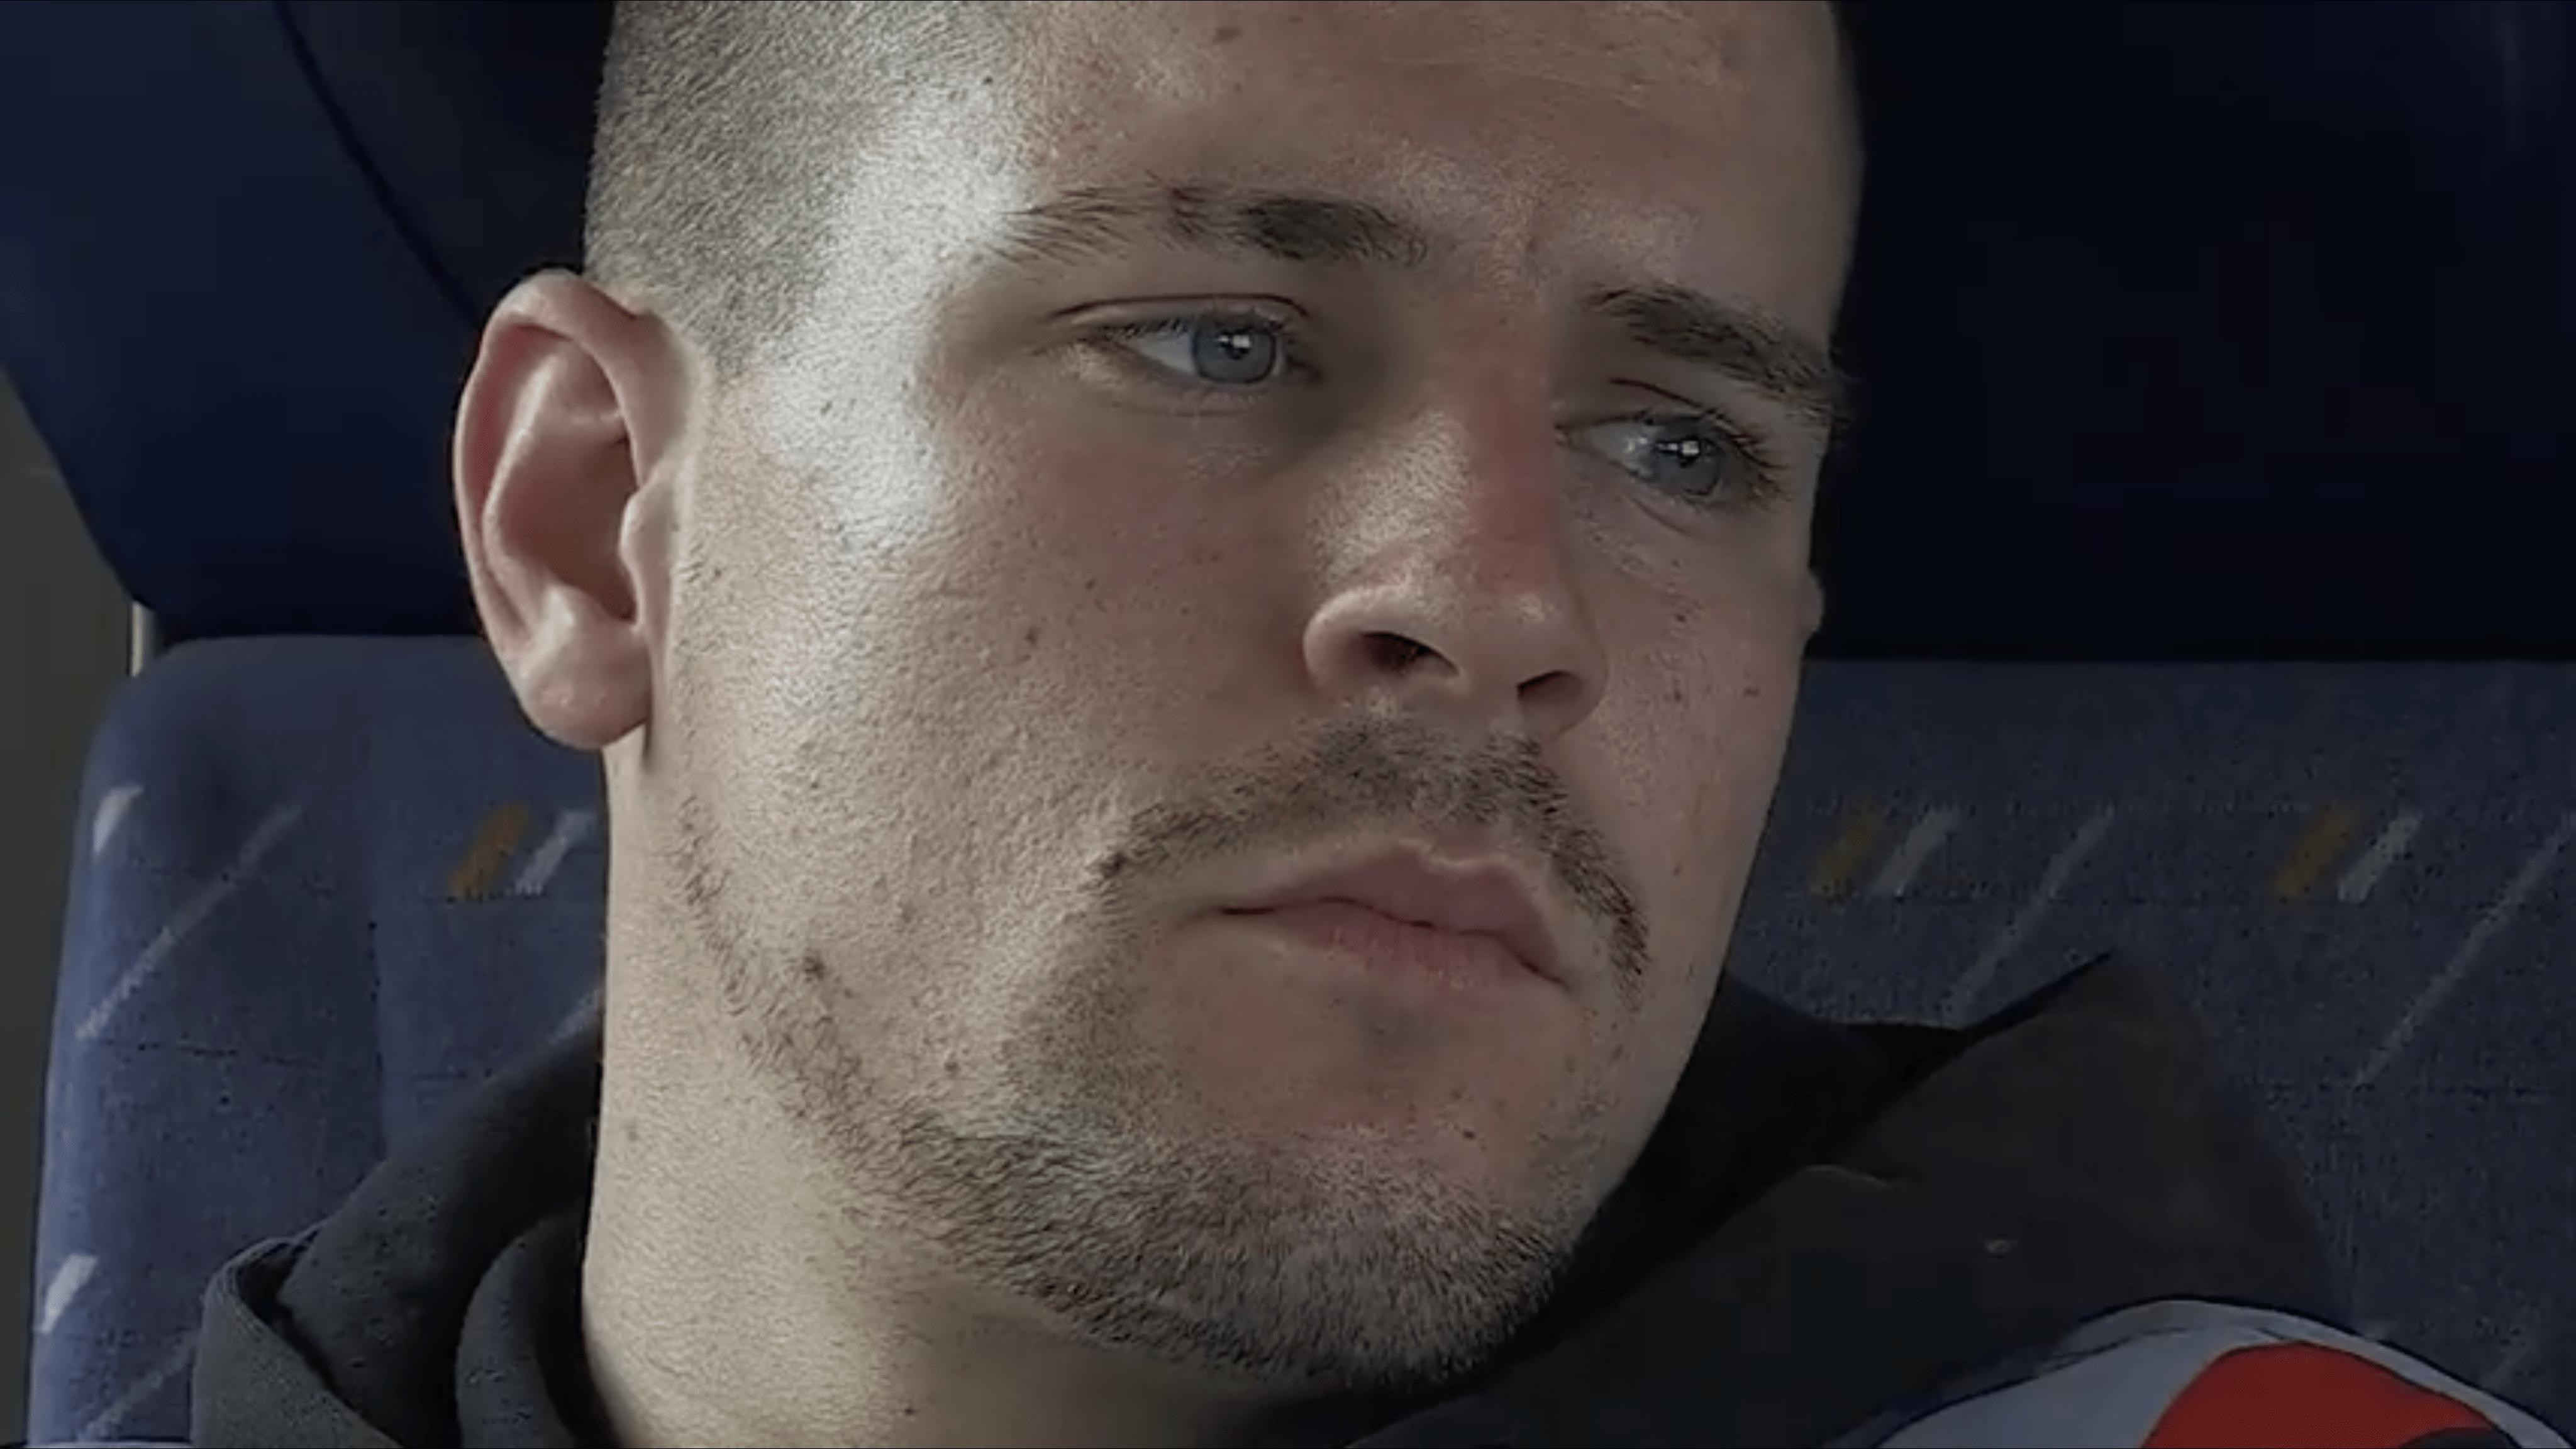 Un aller simple pour Perpignan - Le documentaire uppercut de Bertrand Schmit sur le parcours erratique de jeunes en difficulté